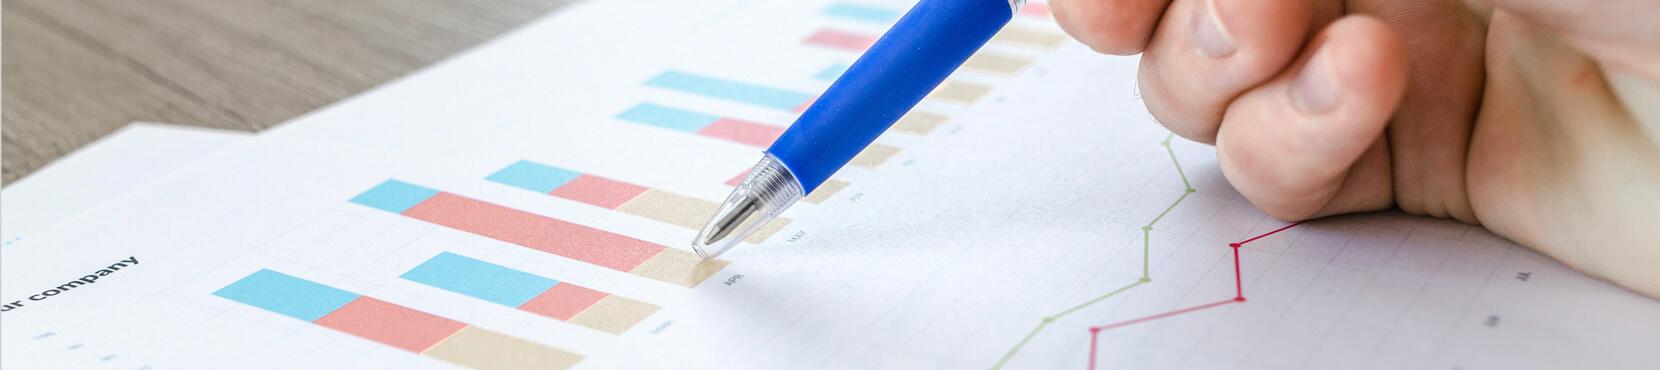 Supervisor Emminger Files 2022 Tentative Budget and Message